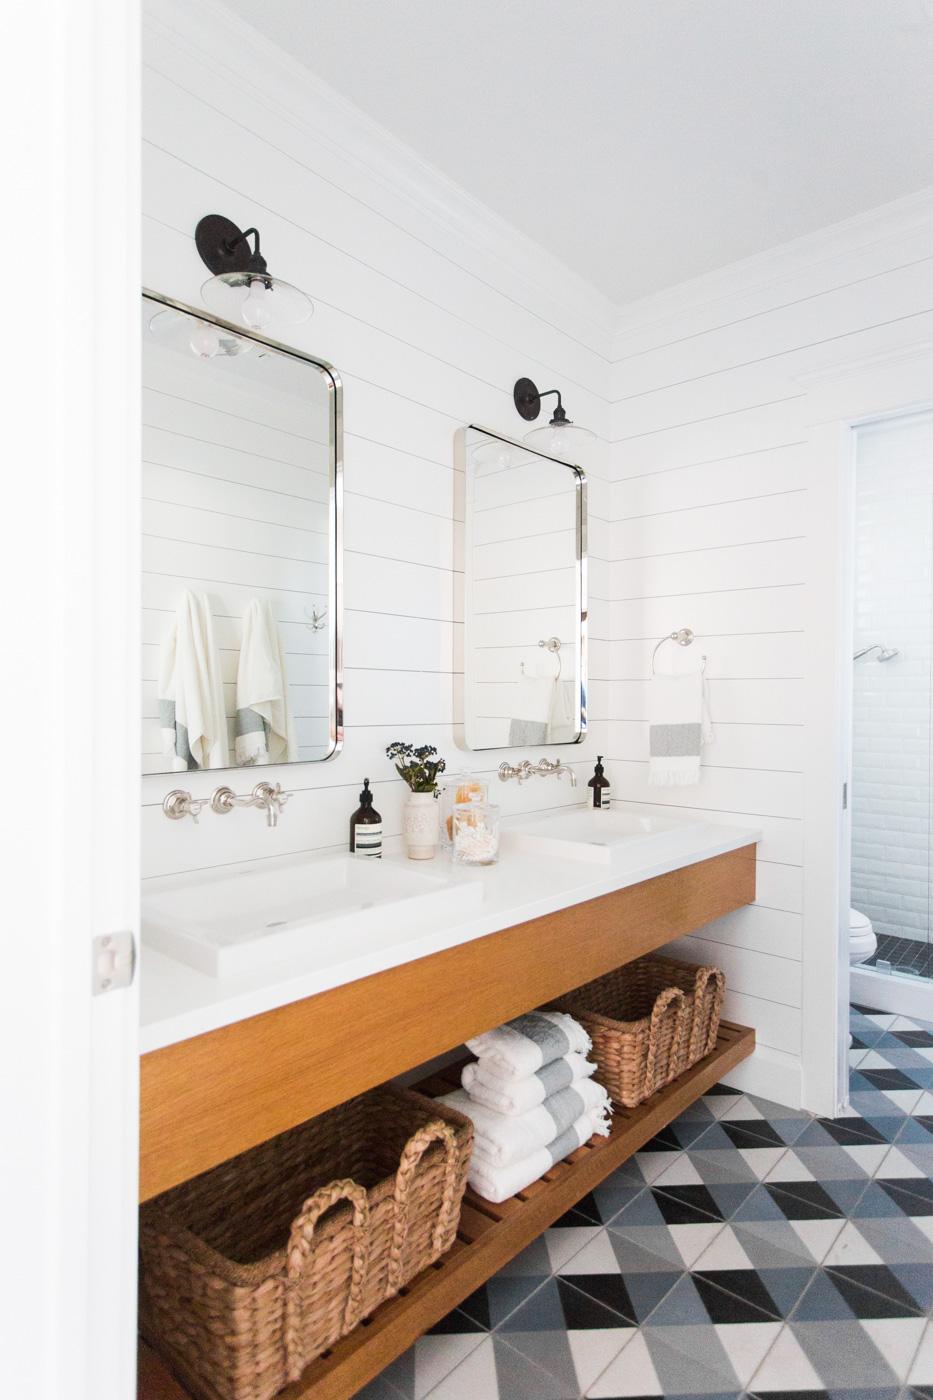 Plaid+tile,+shiplap,+and+floating+wood+vanity+||+Studio+McGee.jpg